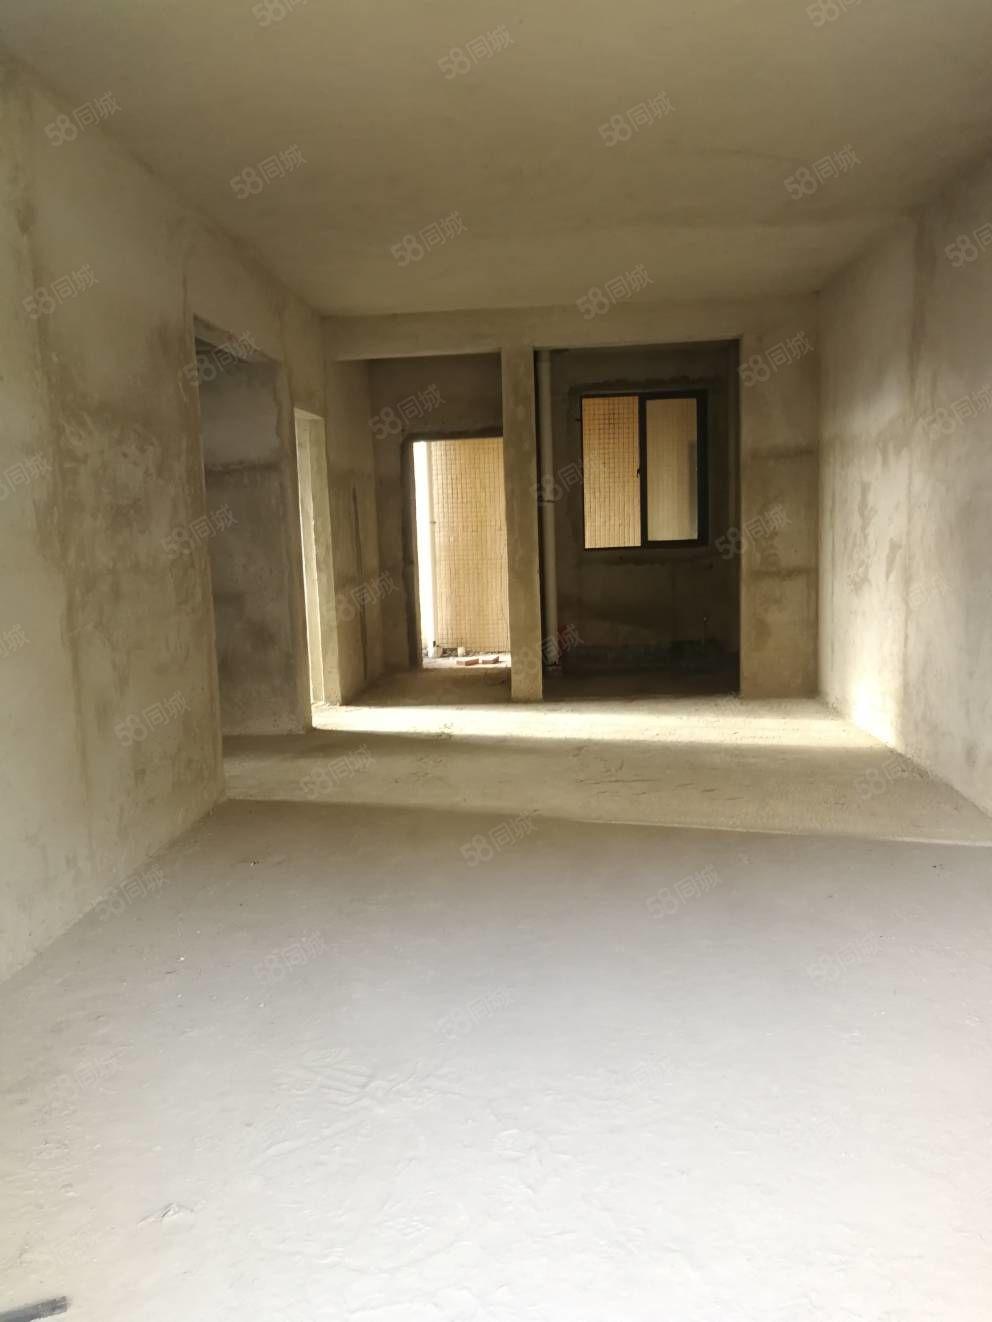 新一小学位安泰华府89平方2房毛胚南向中高楼层